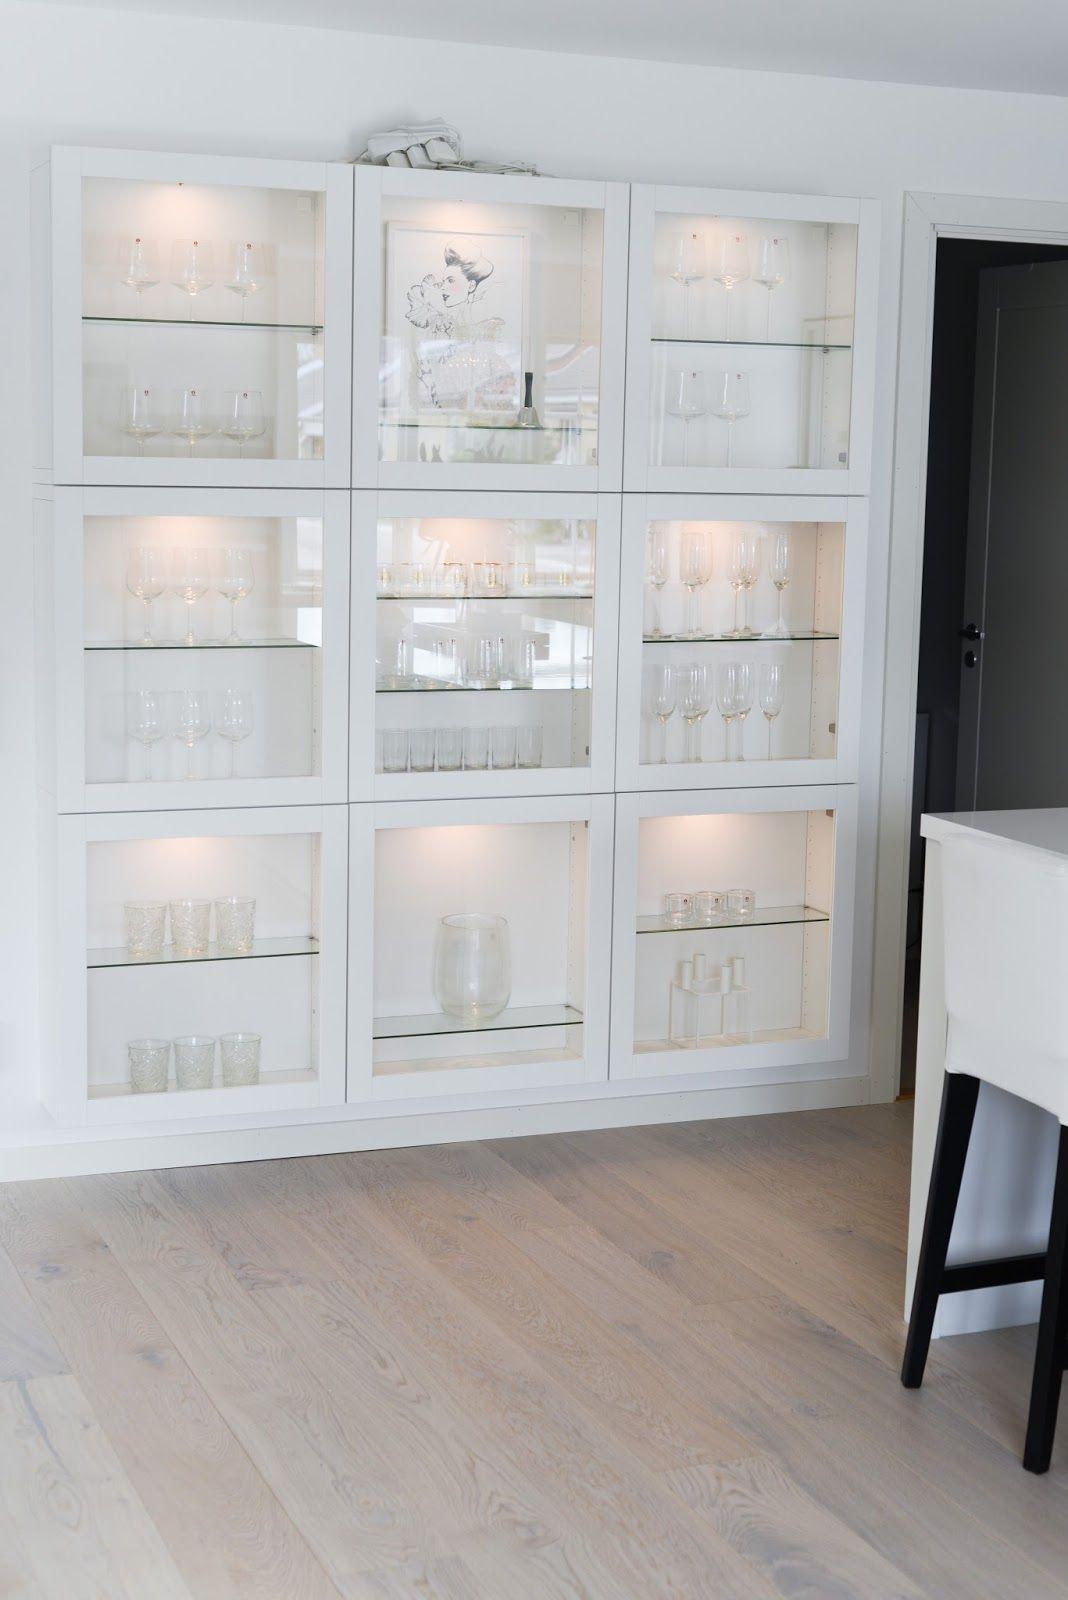 Bildresultat för finglas förvaring House ideas